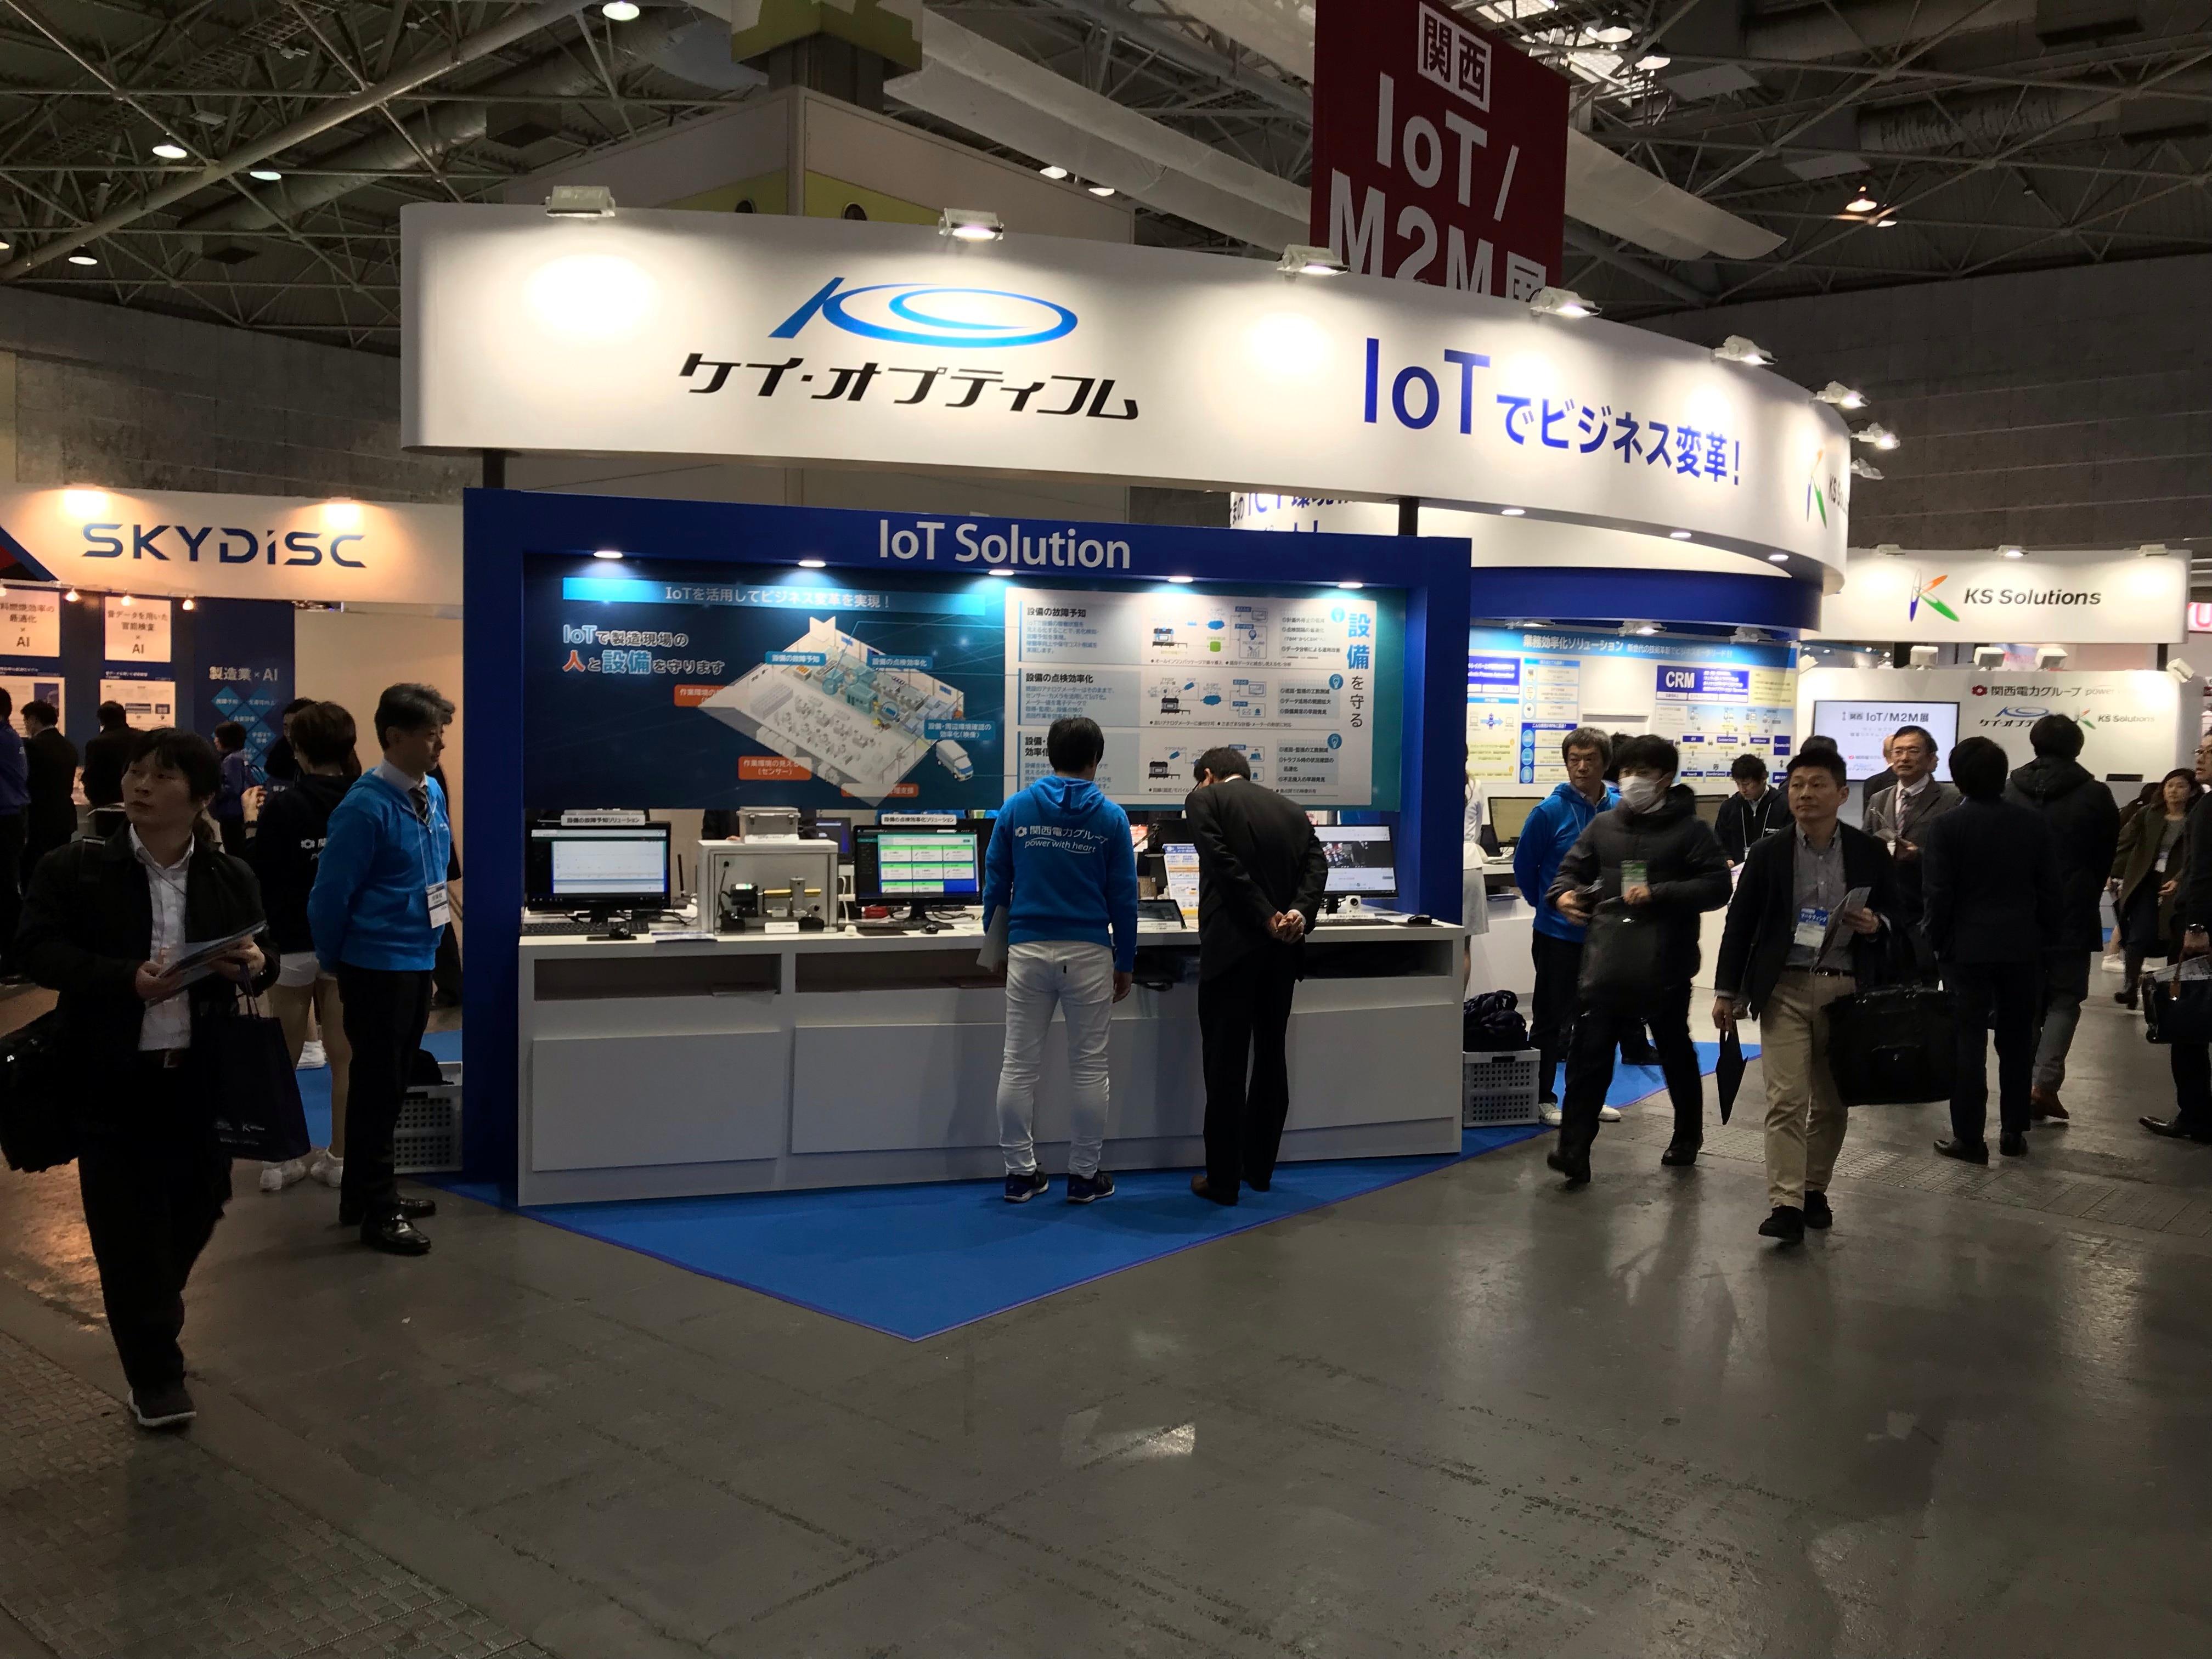 関西IoT